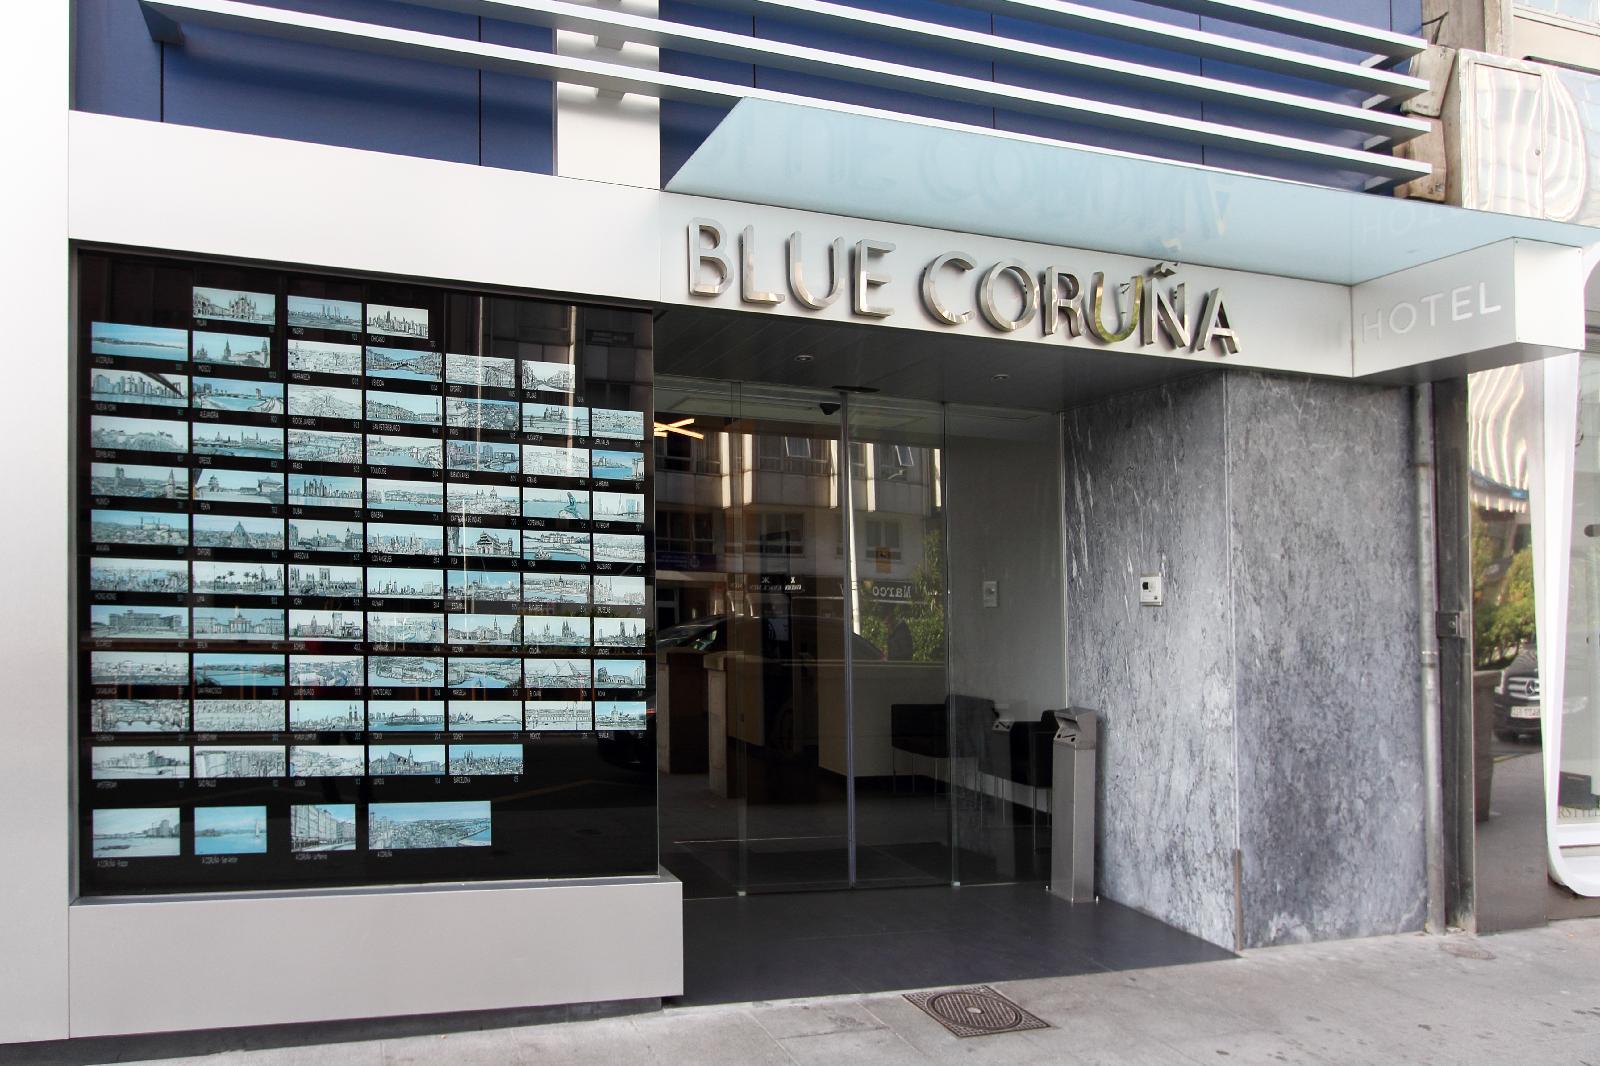 5. Hotel Blue Coruña